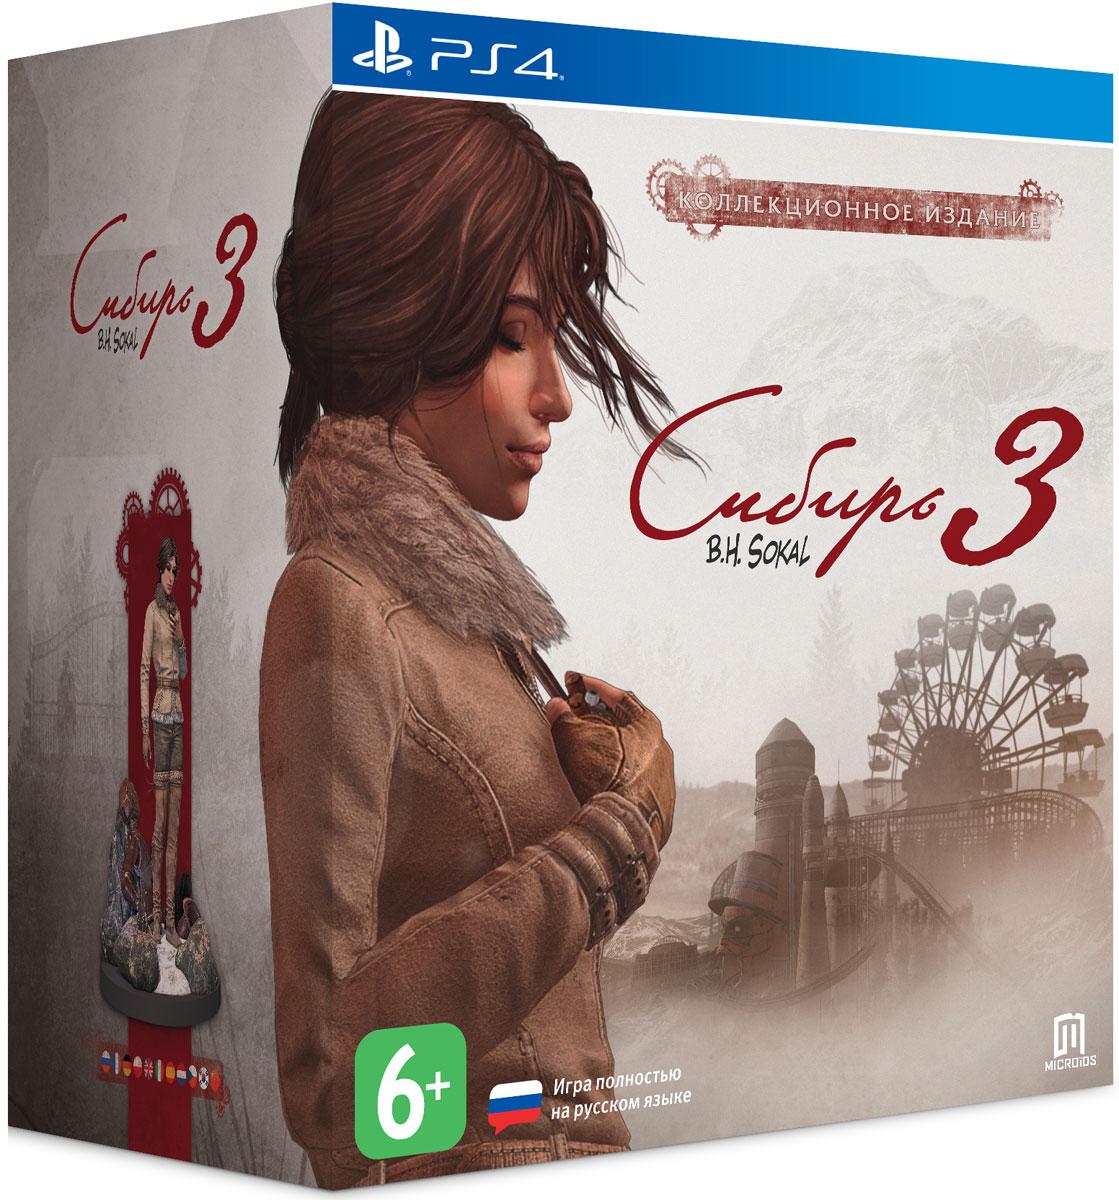 Сибирь 3. Коллекционное издание (PS4), Microids